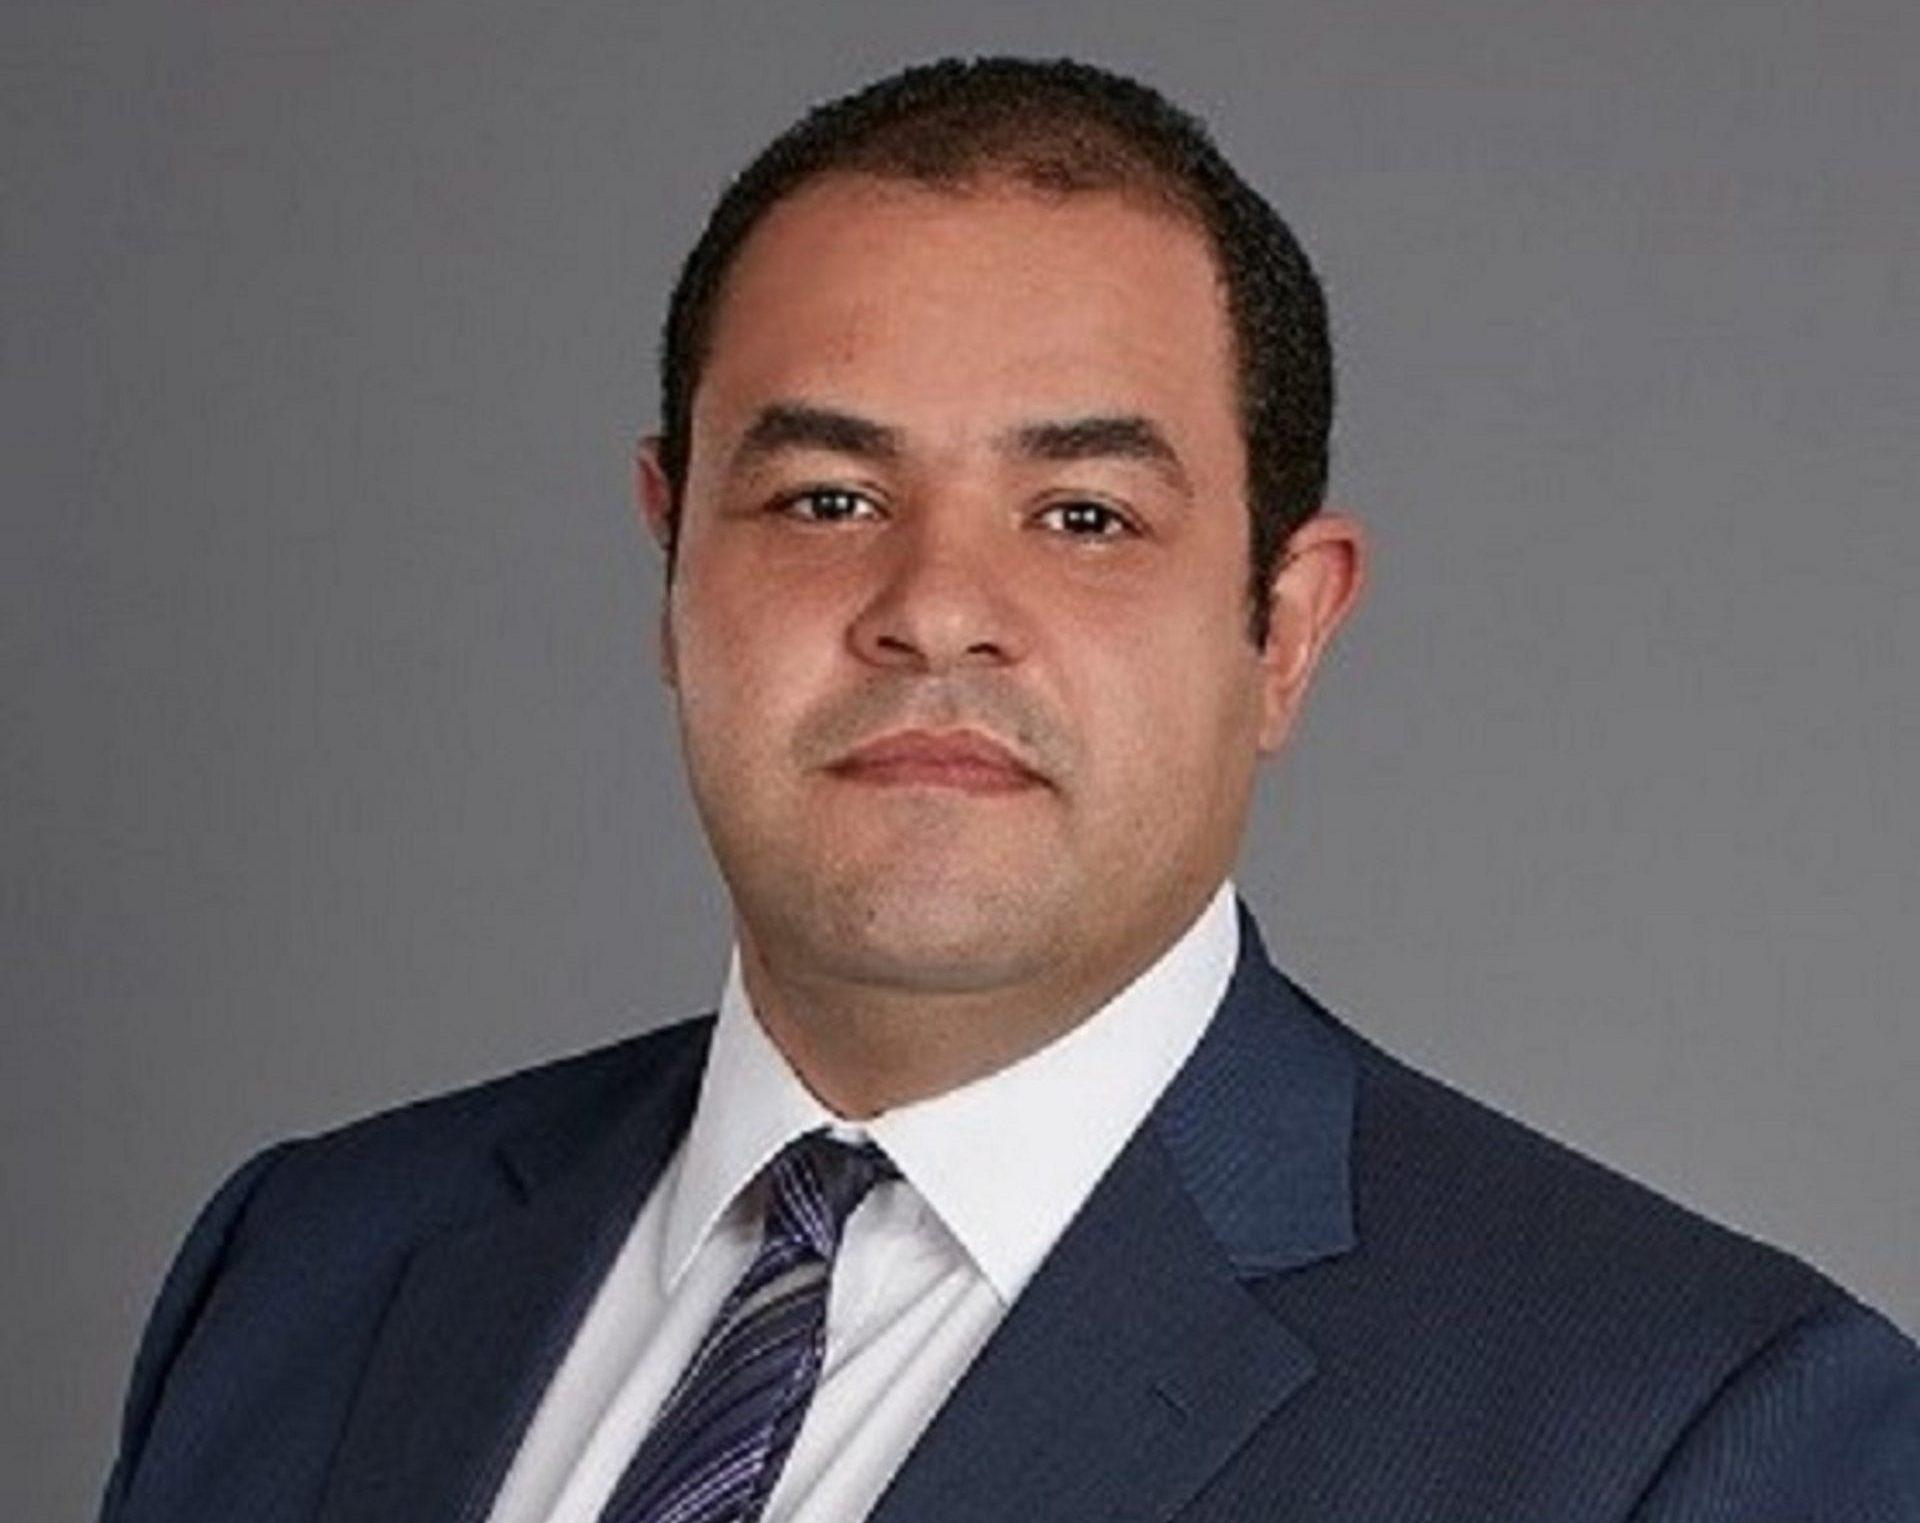 الجمعية العالمية لخدمات المبيعات والتسويق في قطاع الضيافة تطلق أعمالها في المملكة العربية السعودية